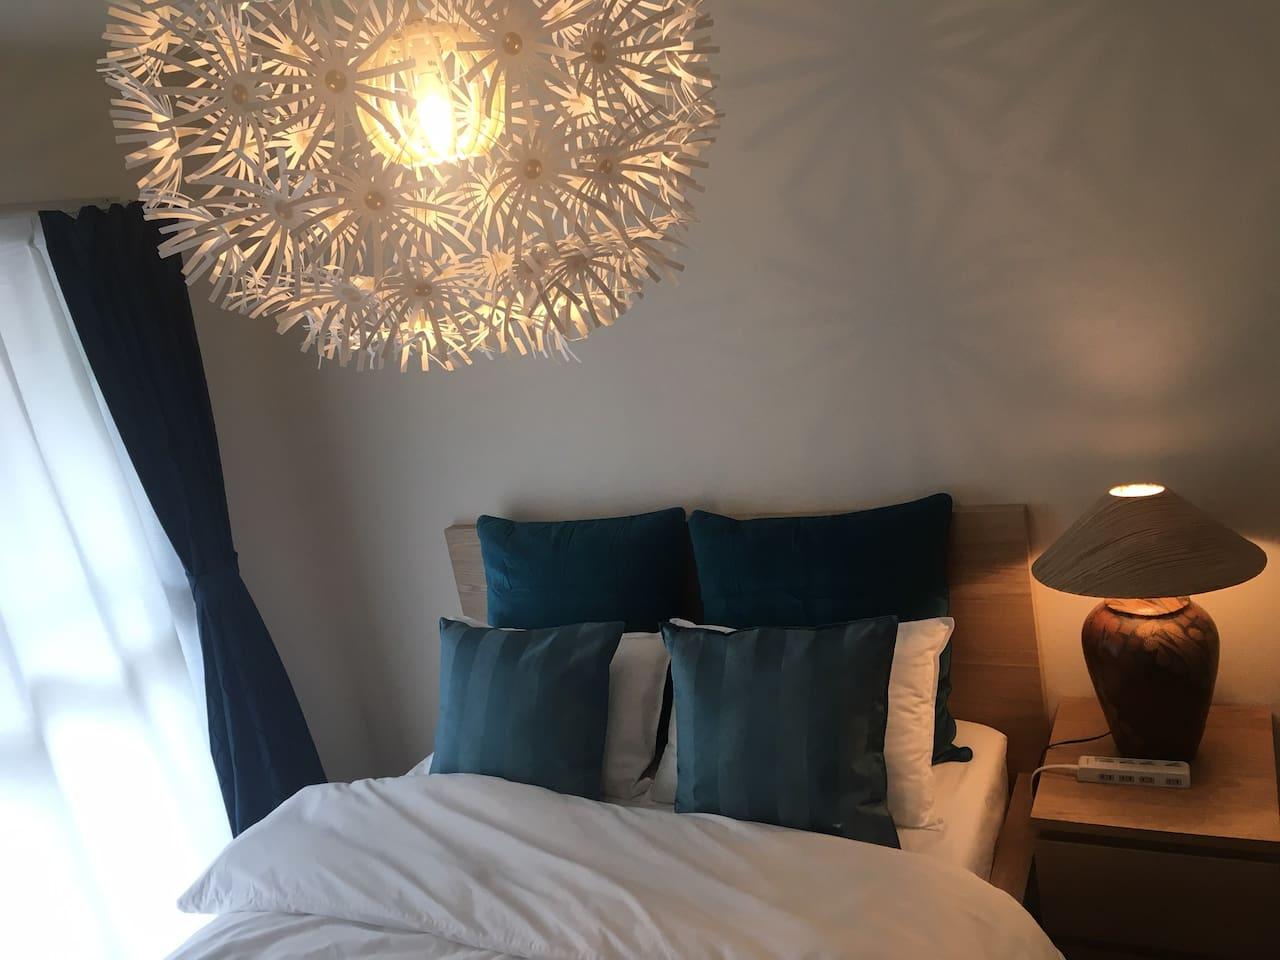 ベッドルーム ダブルベッド 160×200cm bedroom  Double bed 160x200 cm